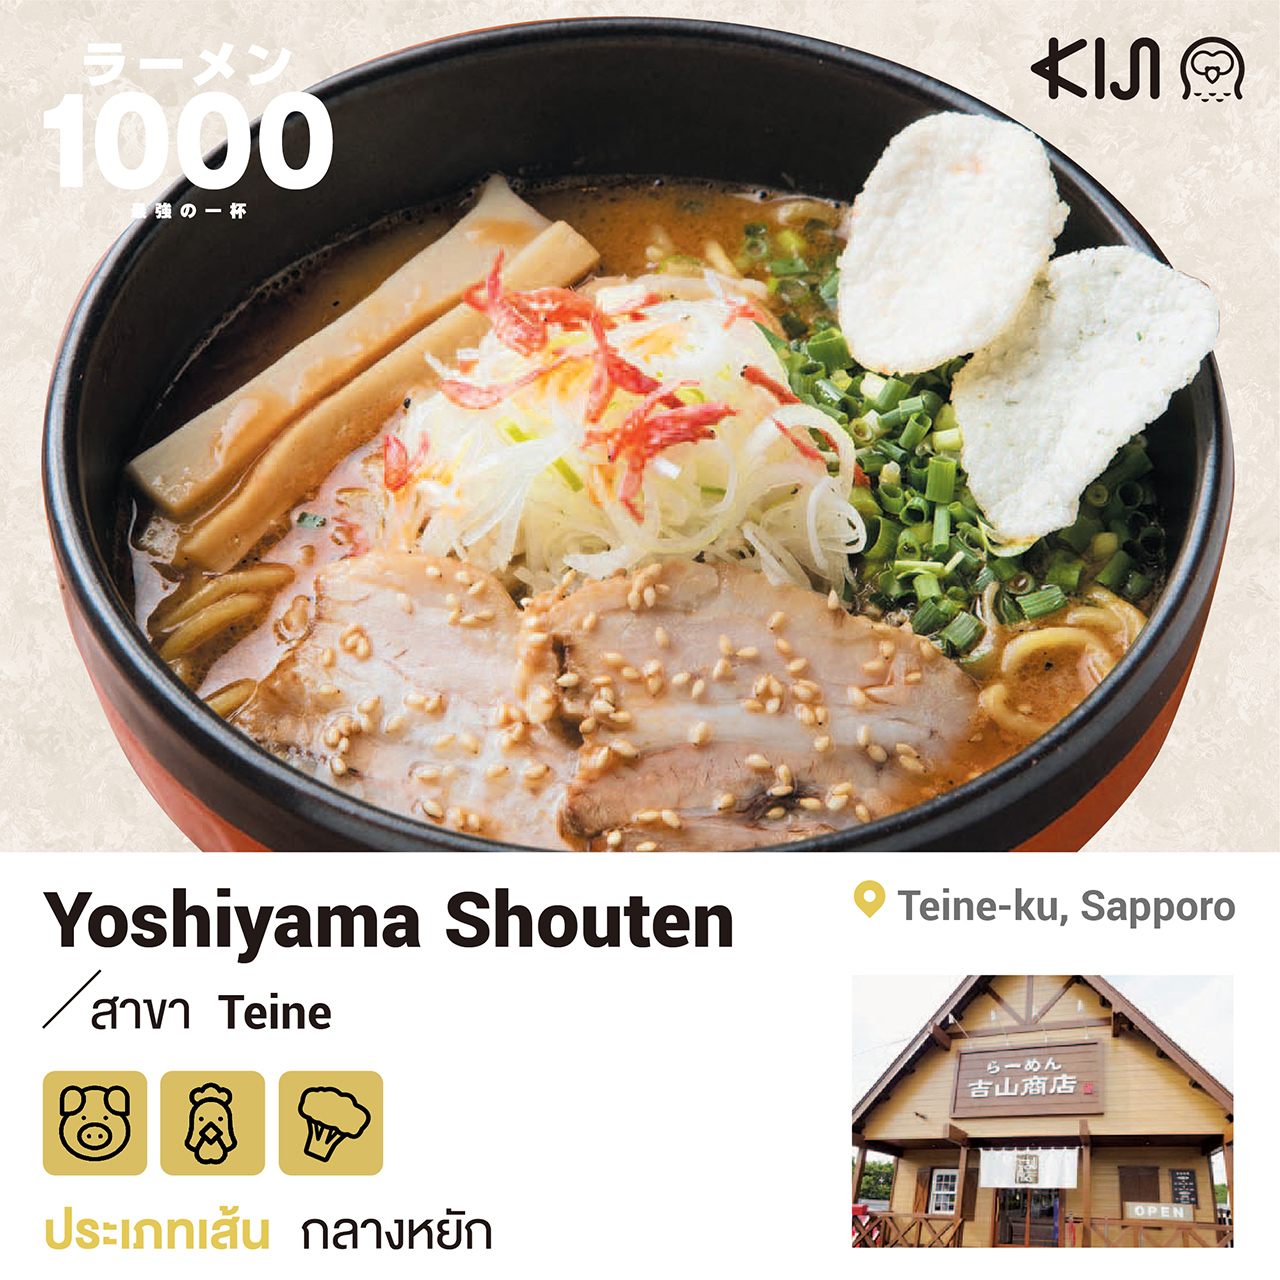 ร้านราเมน เขตเทอิเนะ เมืองซัปโปโร จ.ฮอกไกโด - Yoshiyama Shouten สาขา Teine